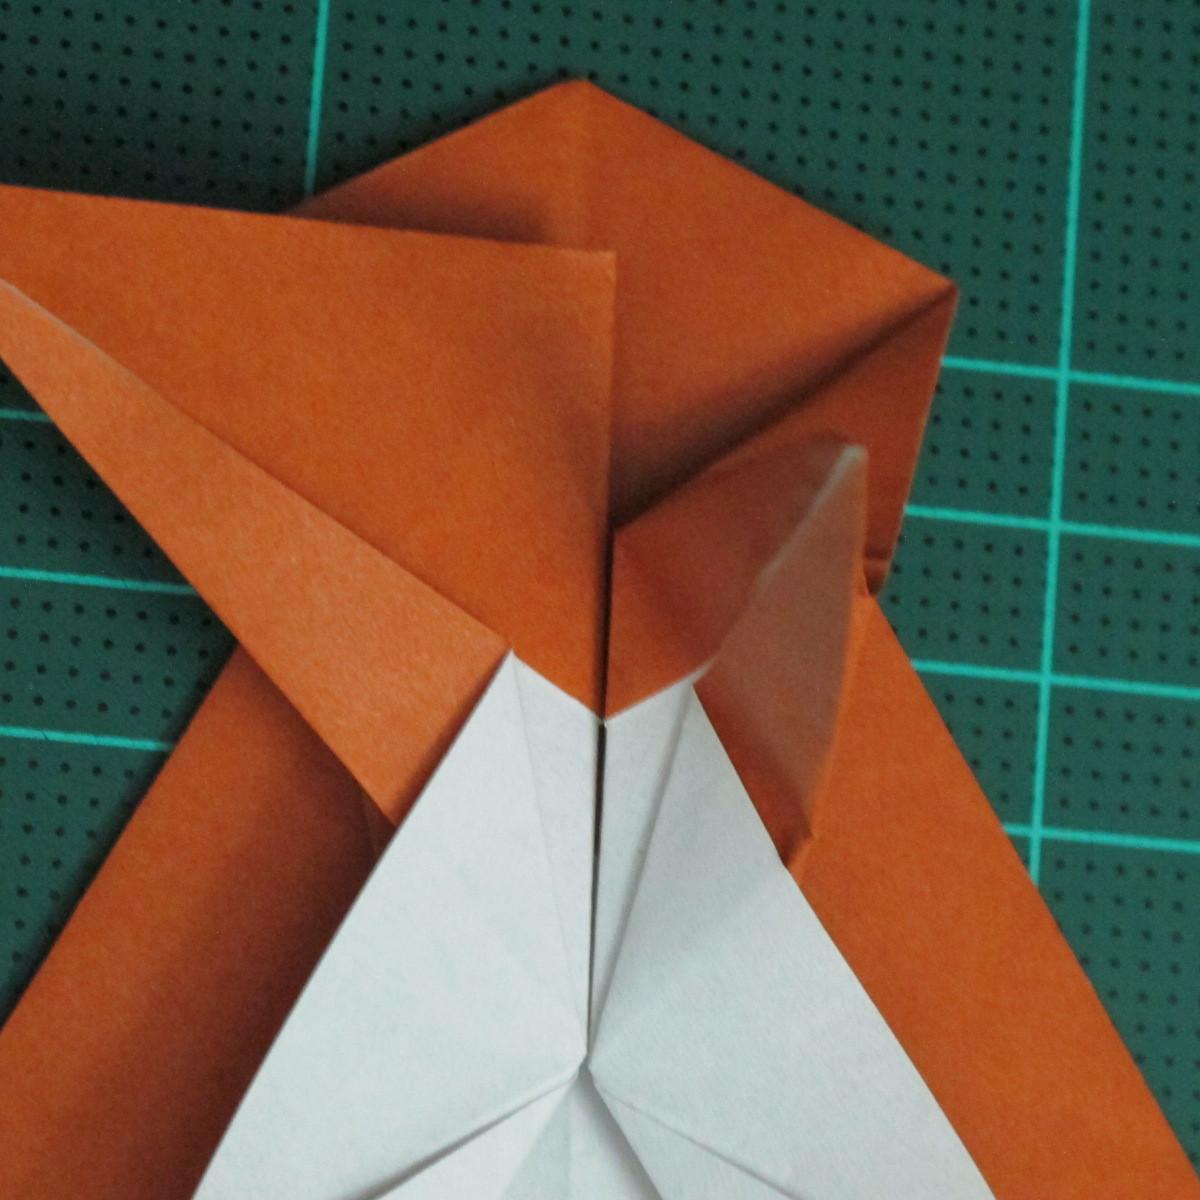 วิธีการพับกระดาษเป็นรูปกบ (แบบโคลัมเบี้ยน) (Origami Frog) 030